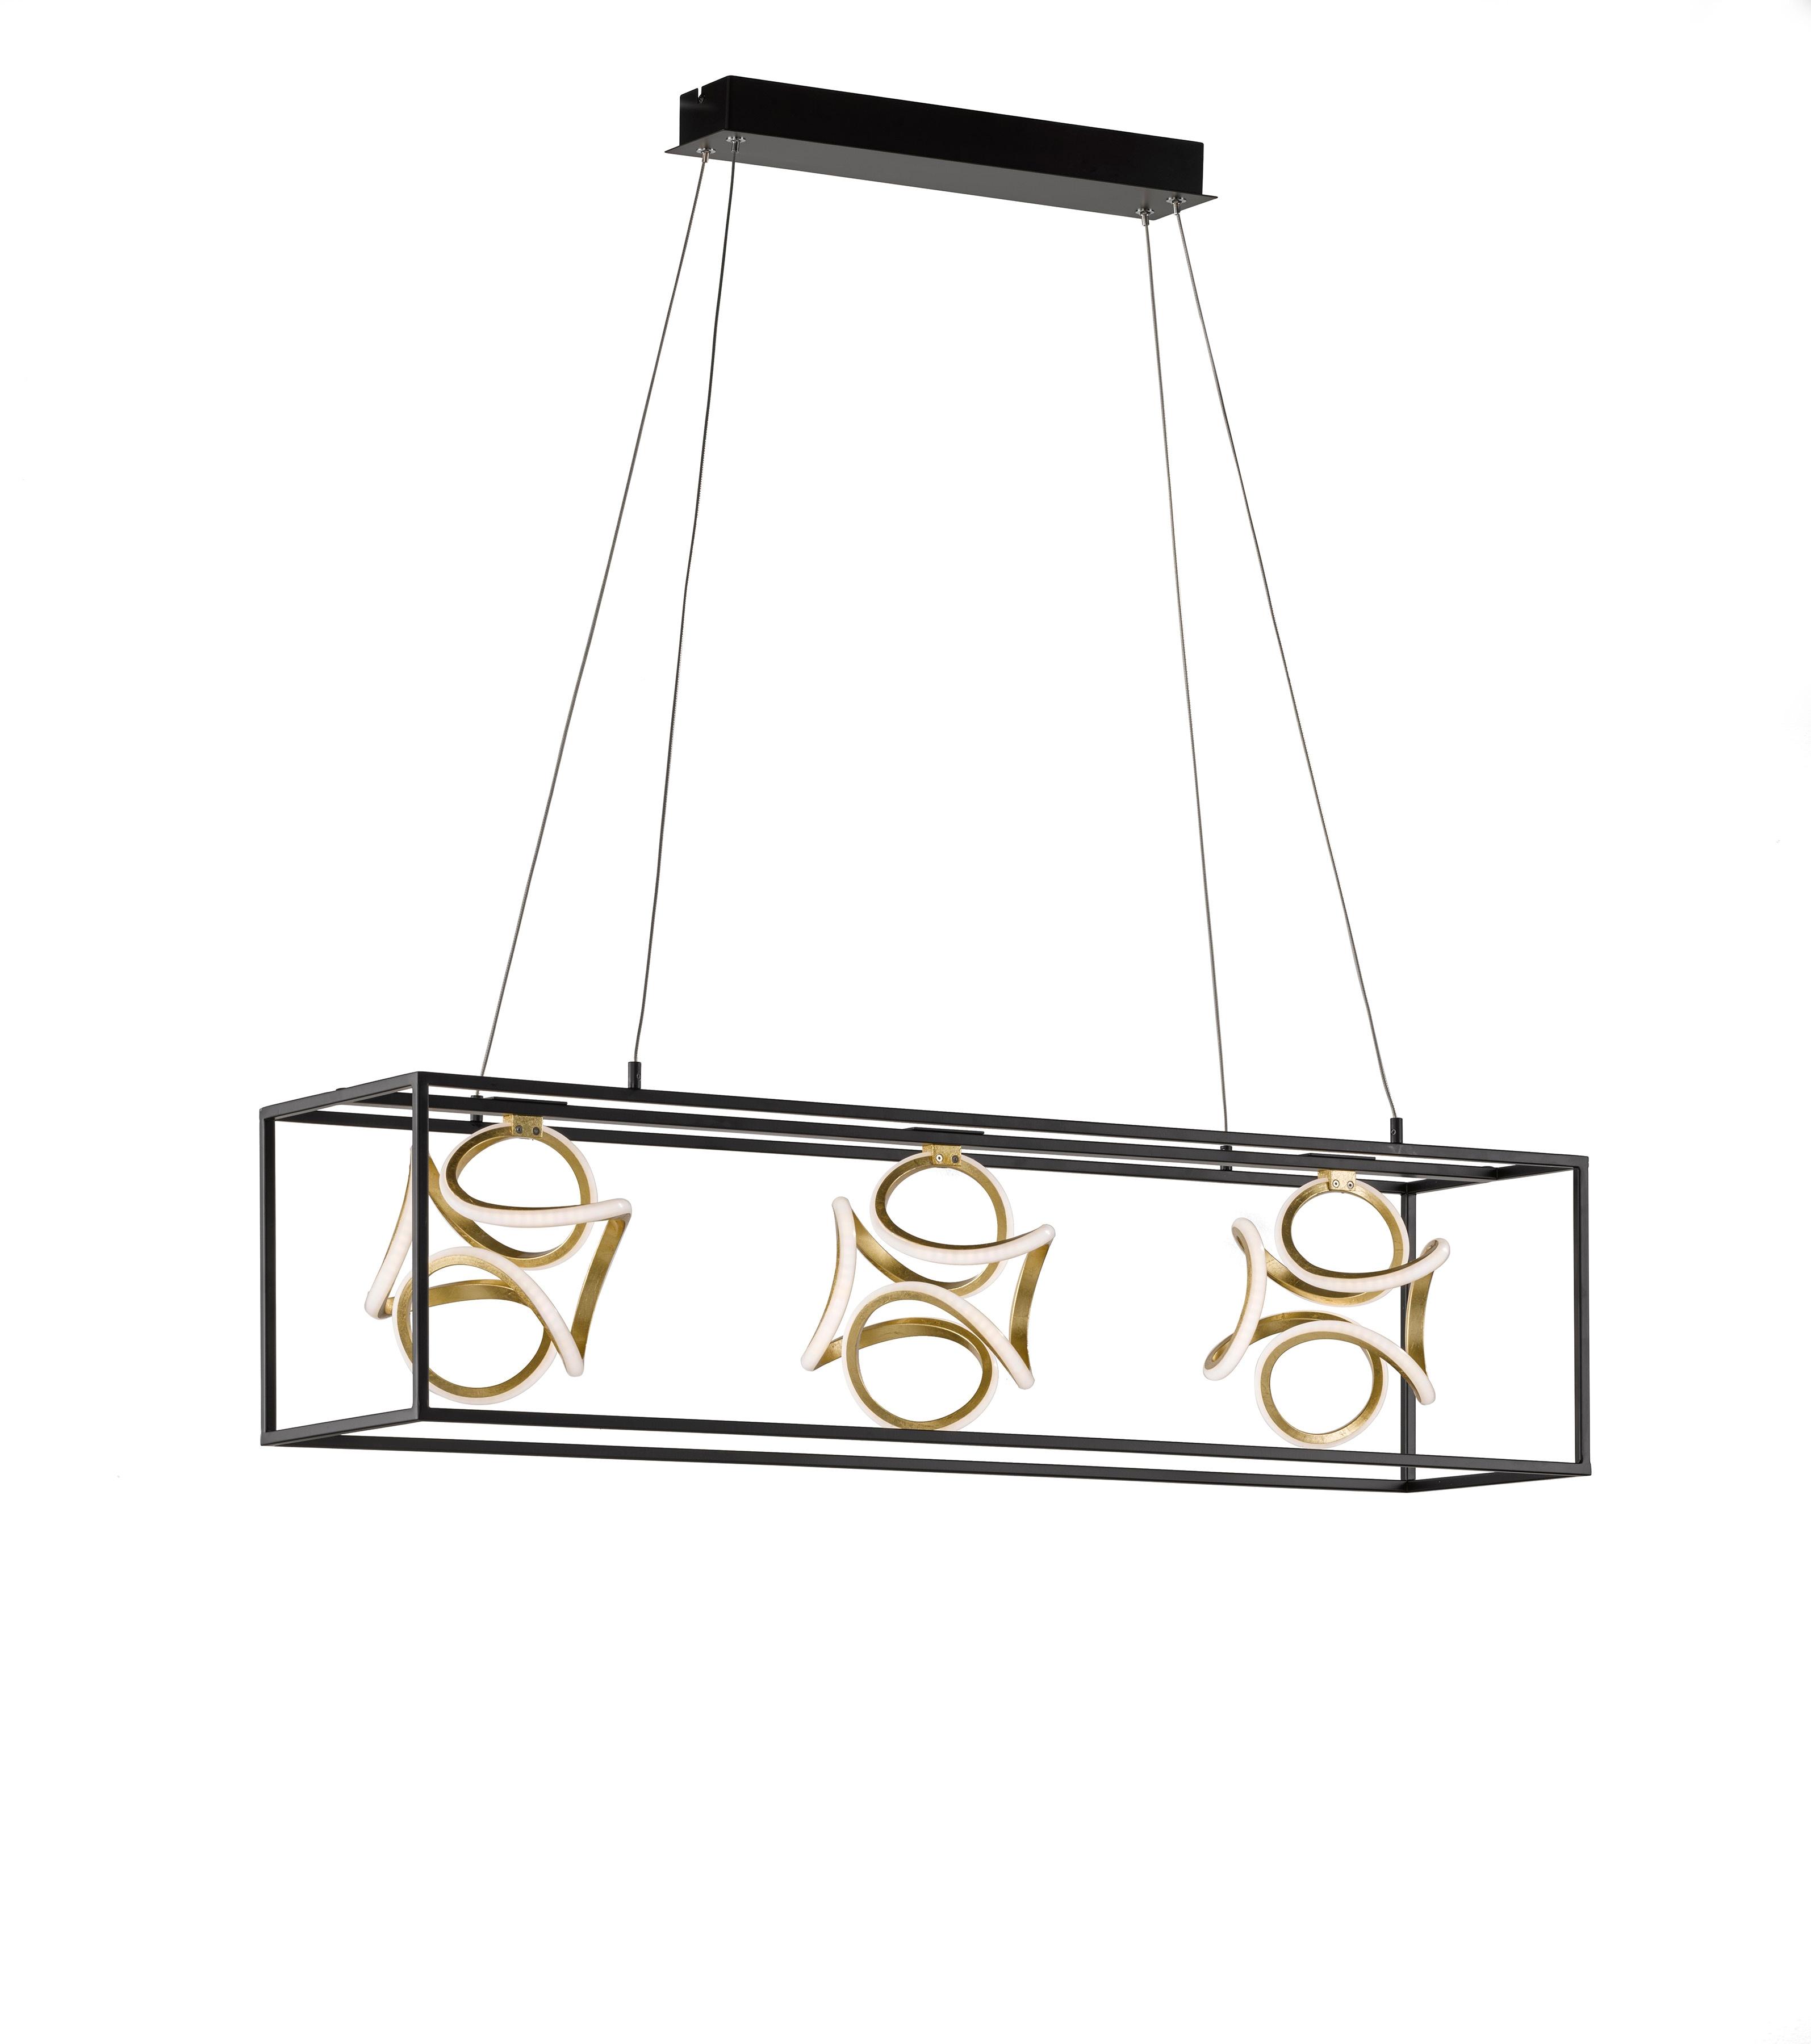 FISCHER & HONSEL LED-Hängeleuchte Gesa, LED-Board, 1 St., LED Pendelleuchte, LED Pendellampe